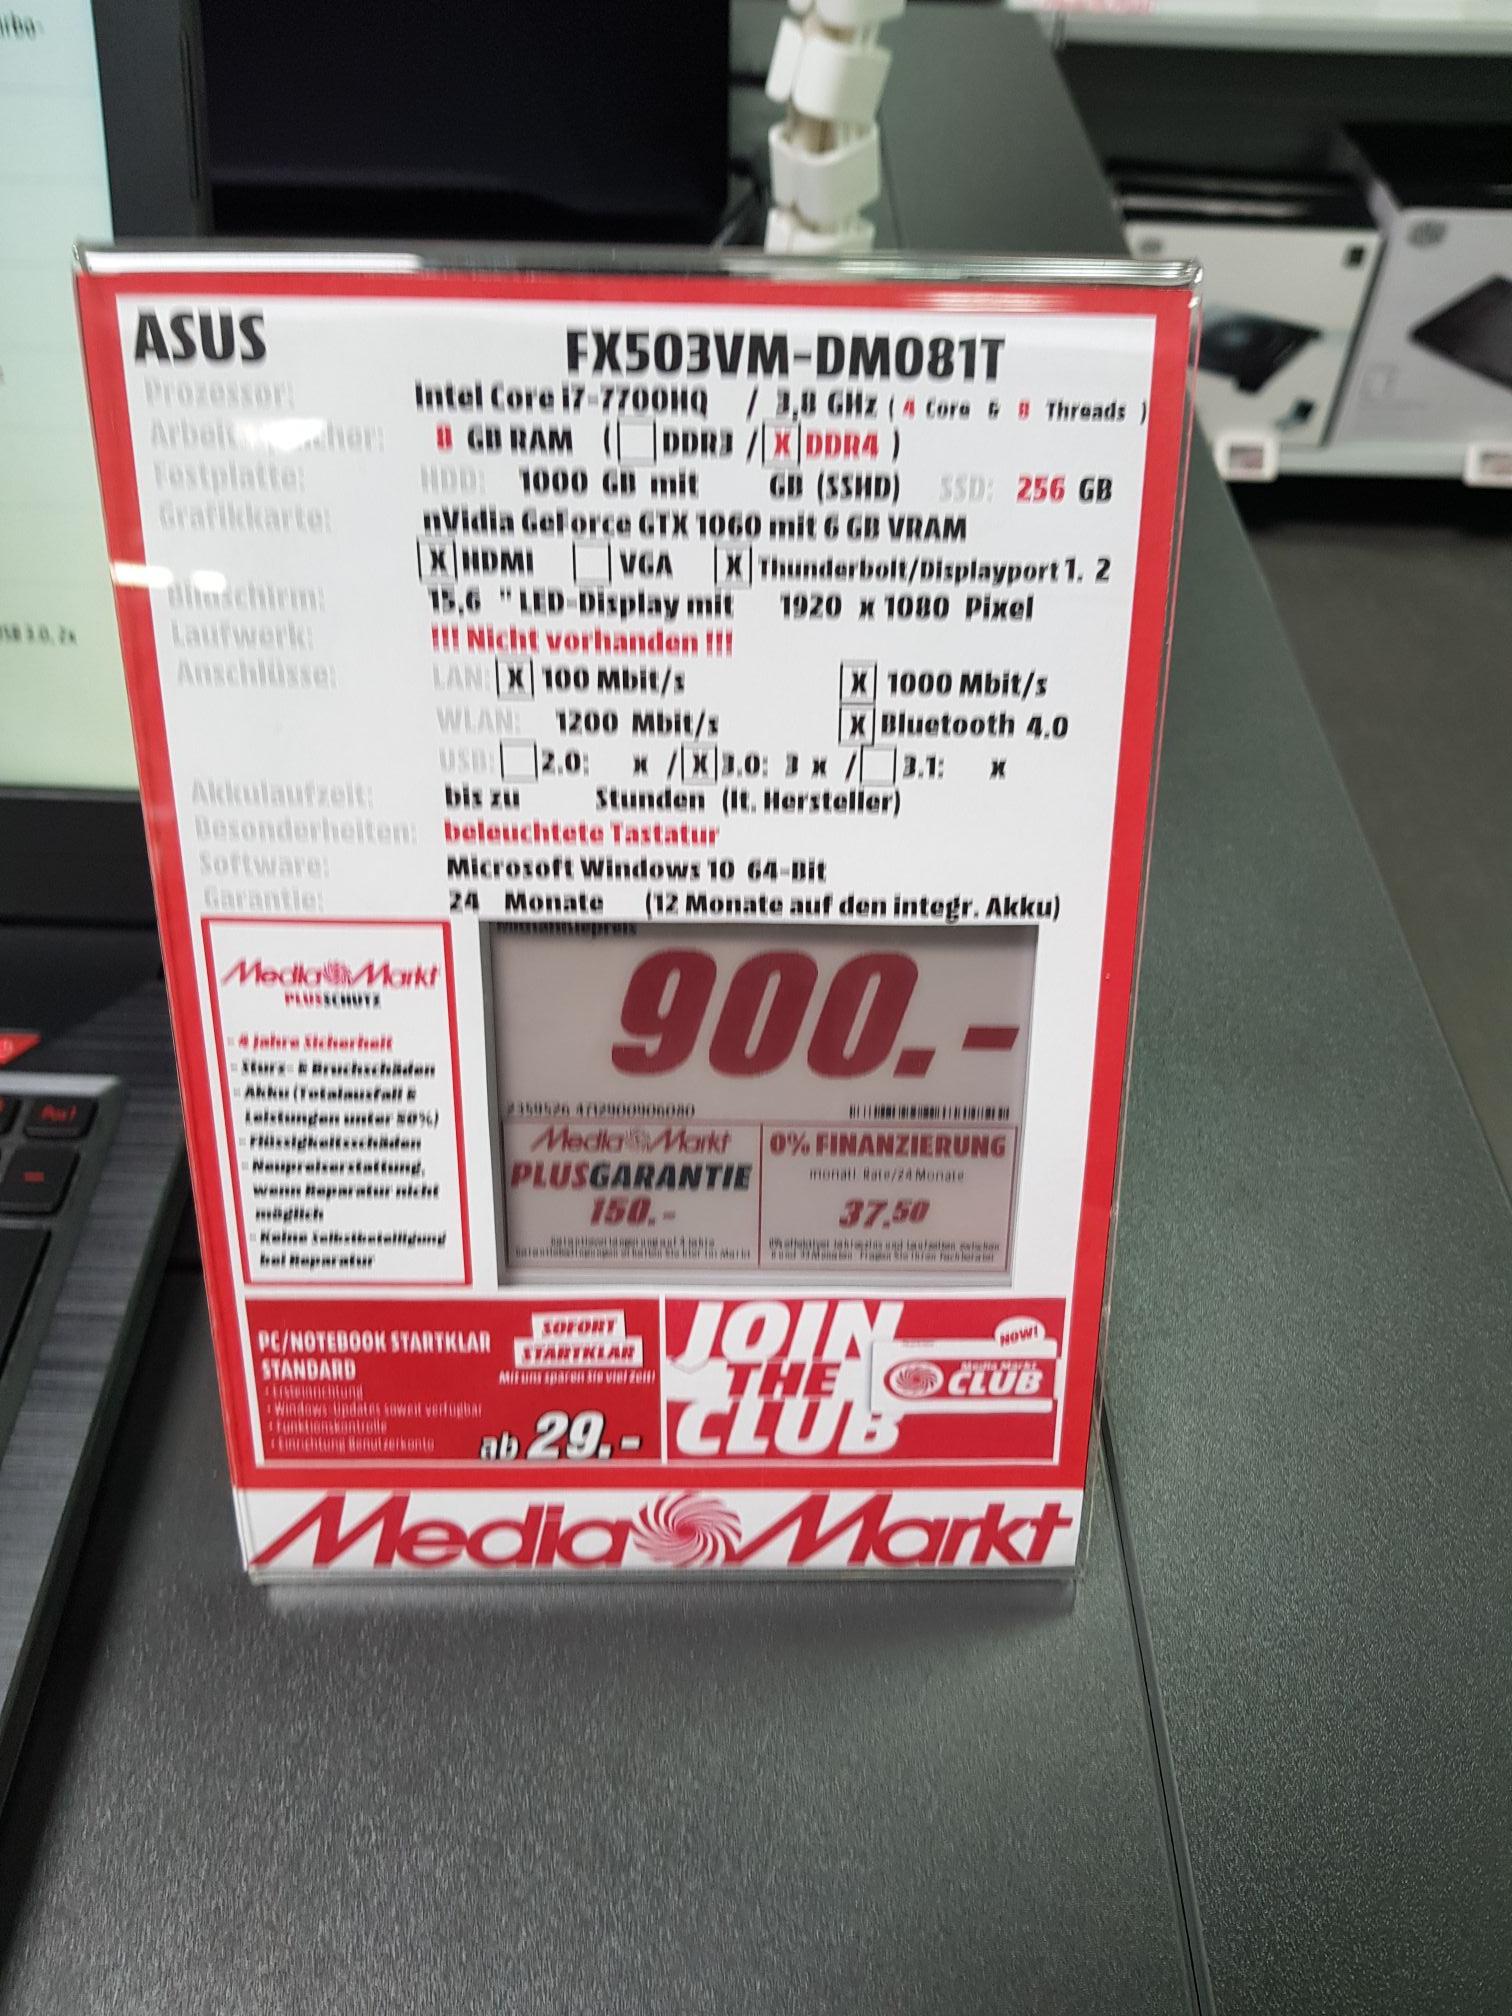 """[Lokal Wolfsburg] Media-Markt Asus 15,6"""" FX503VM-DM081T 7700hq/ GTX1060 6GB/8GB Ram/ 256gb SSD/ 1tb HDD"""